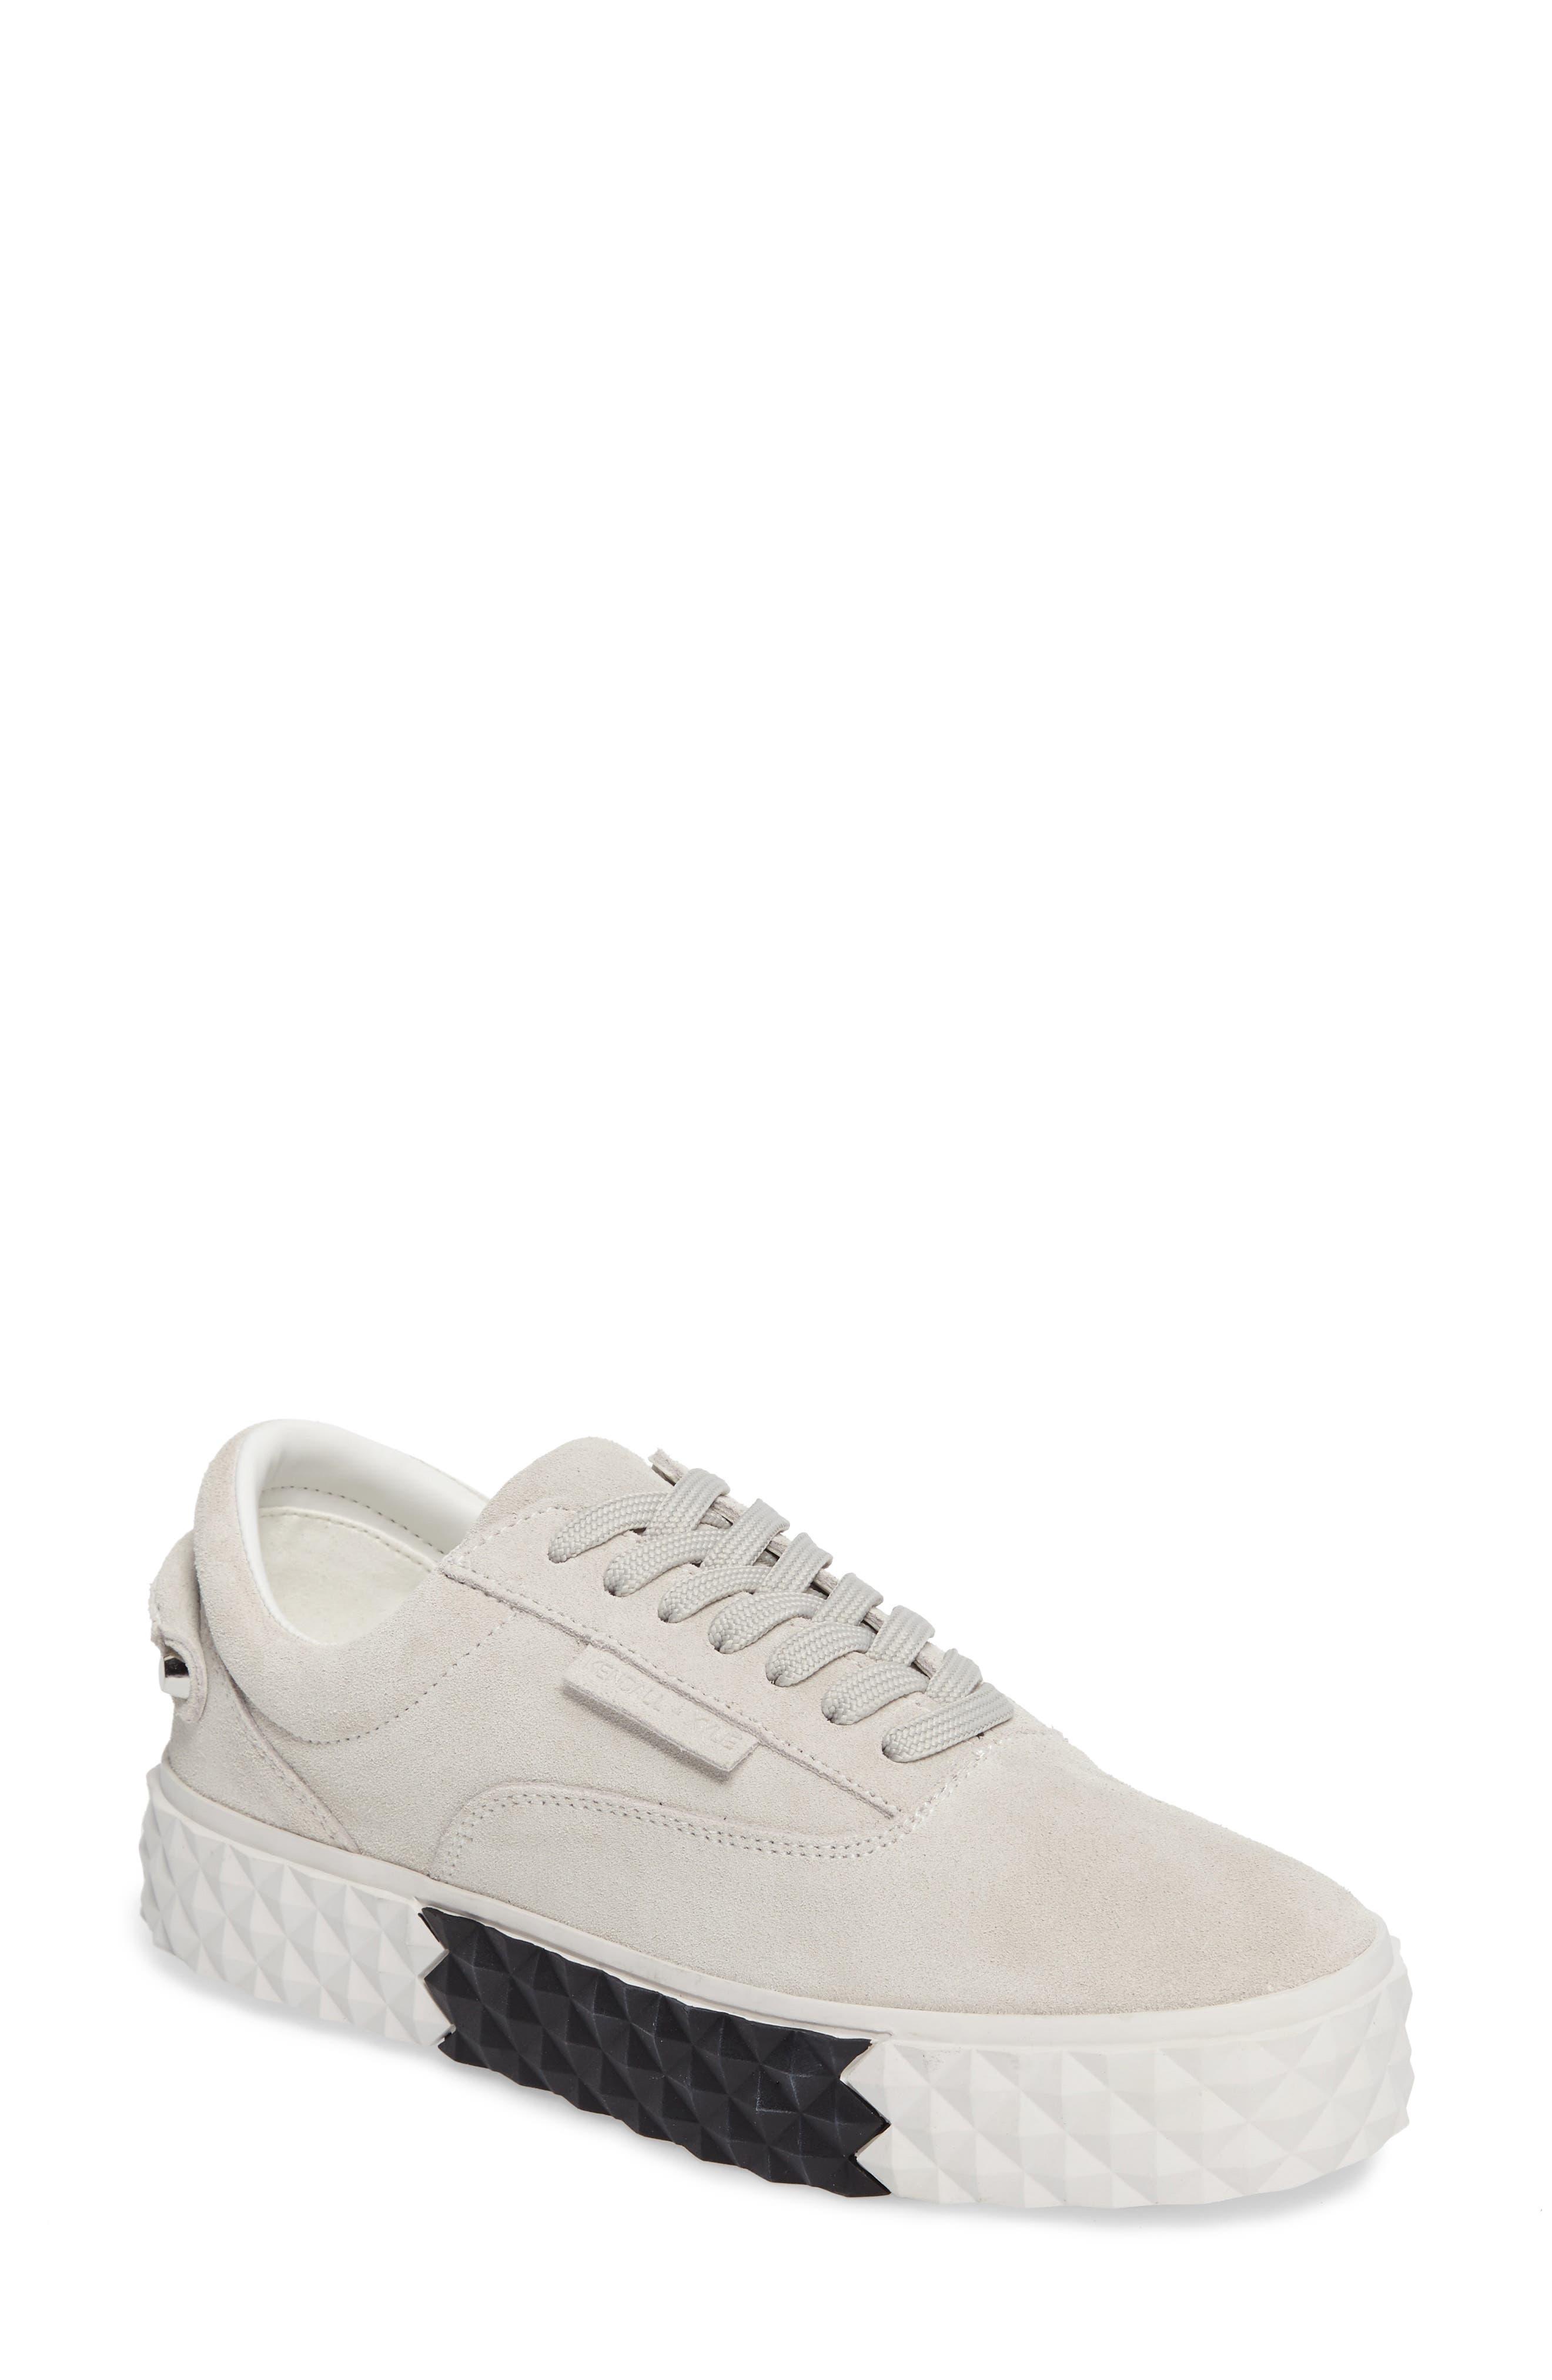 KENDALL + KYLIE Reign Platform Sneaker